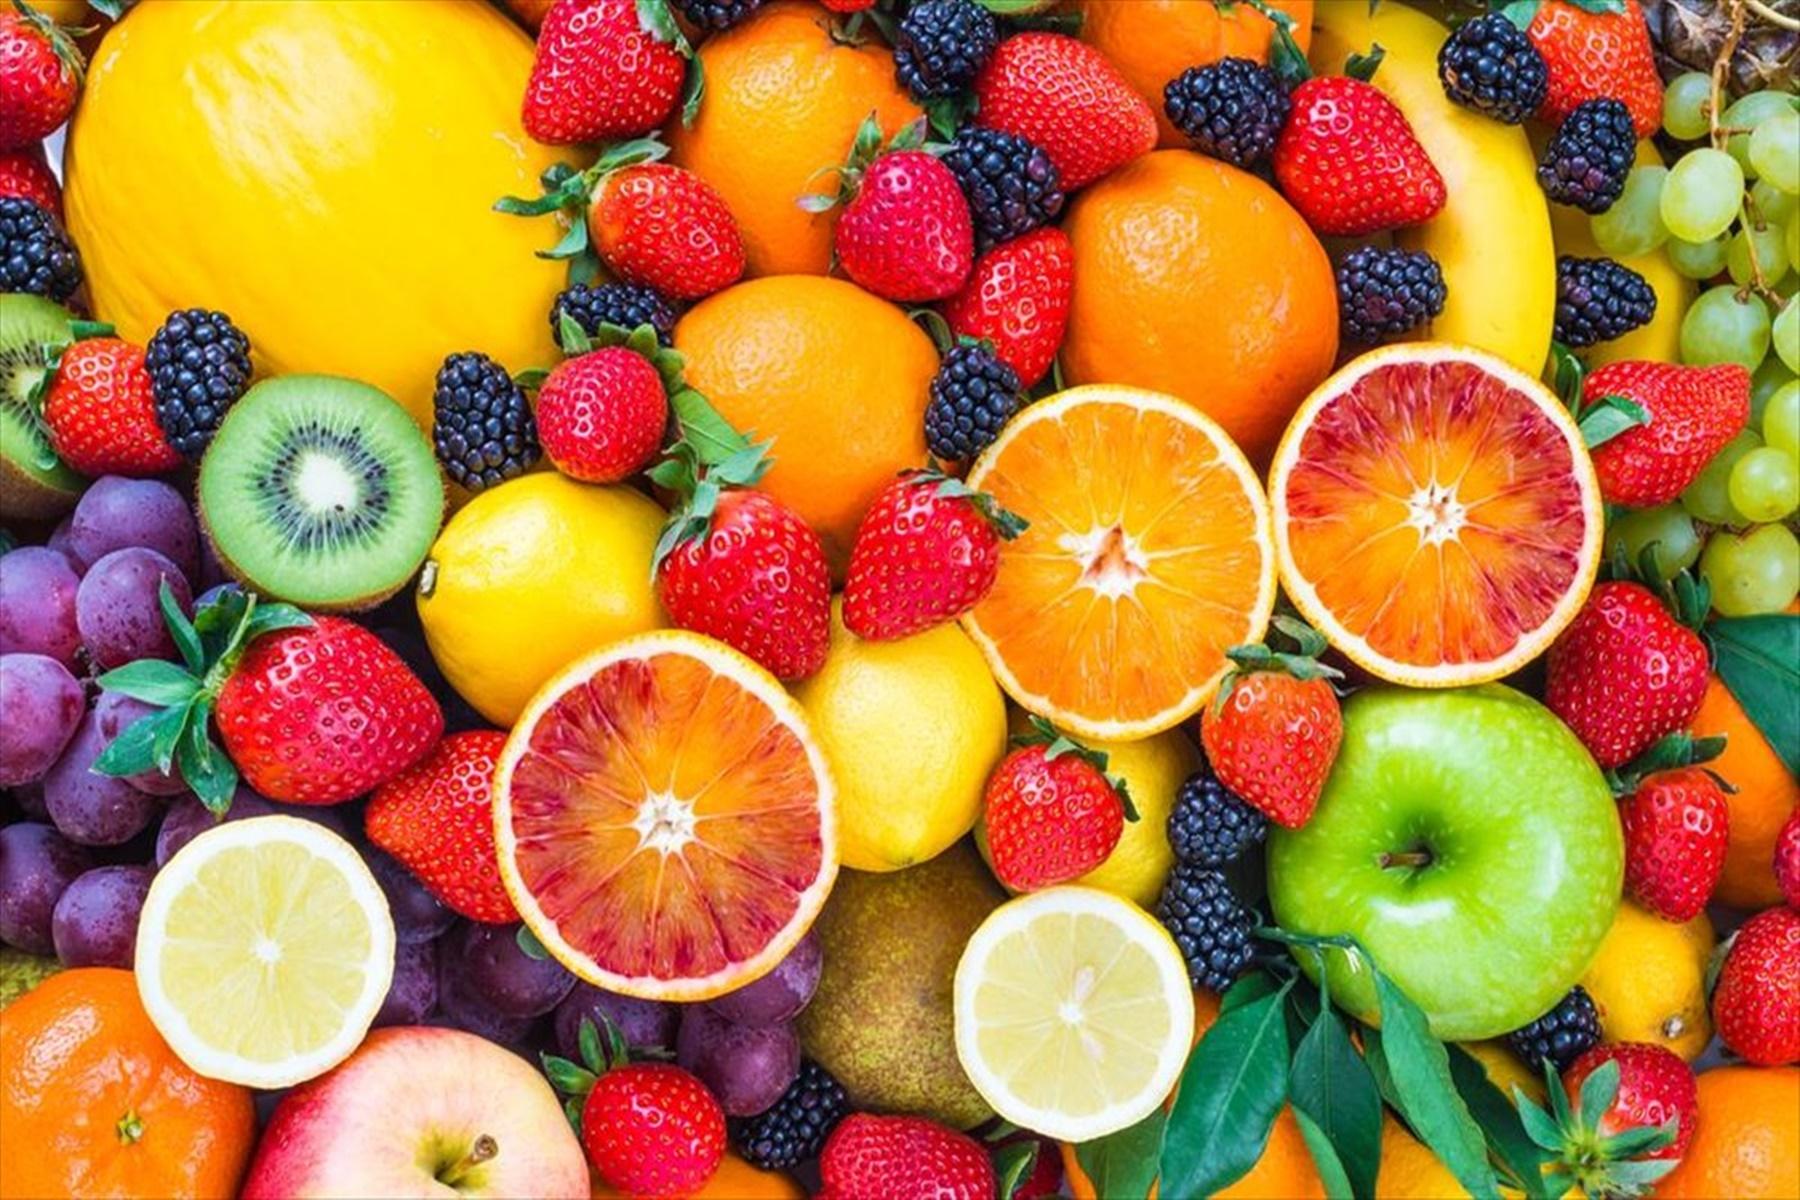 Διατροφή : Τροφές για υγιή οργανισμό